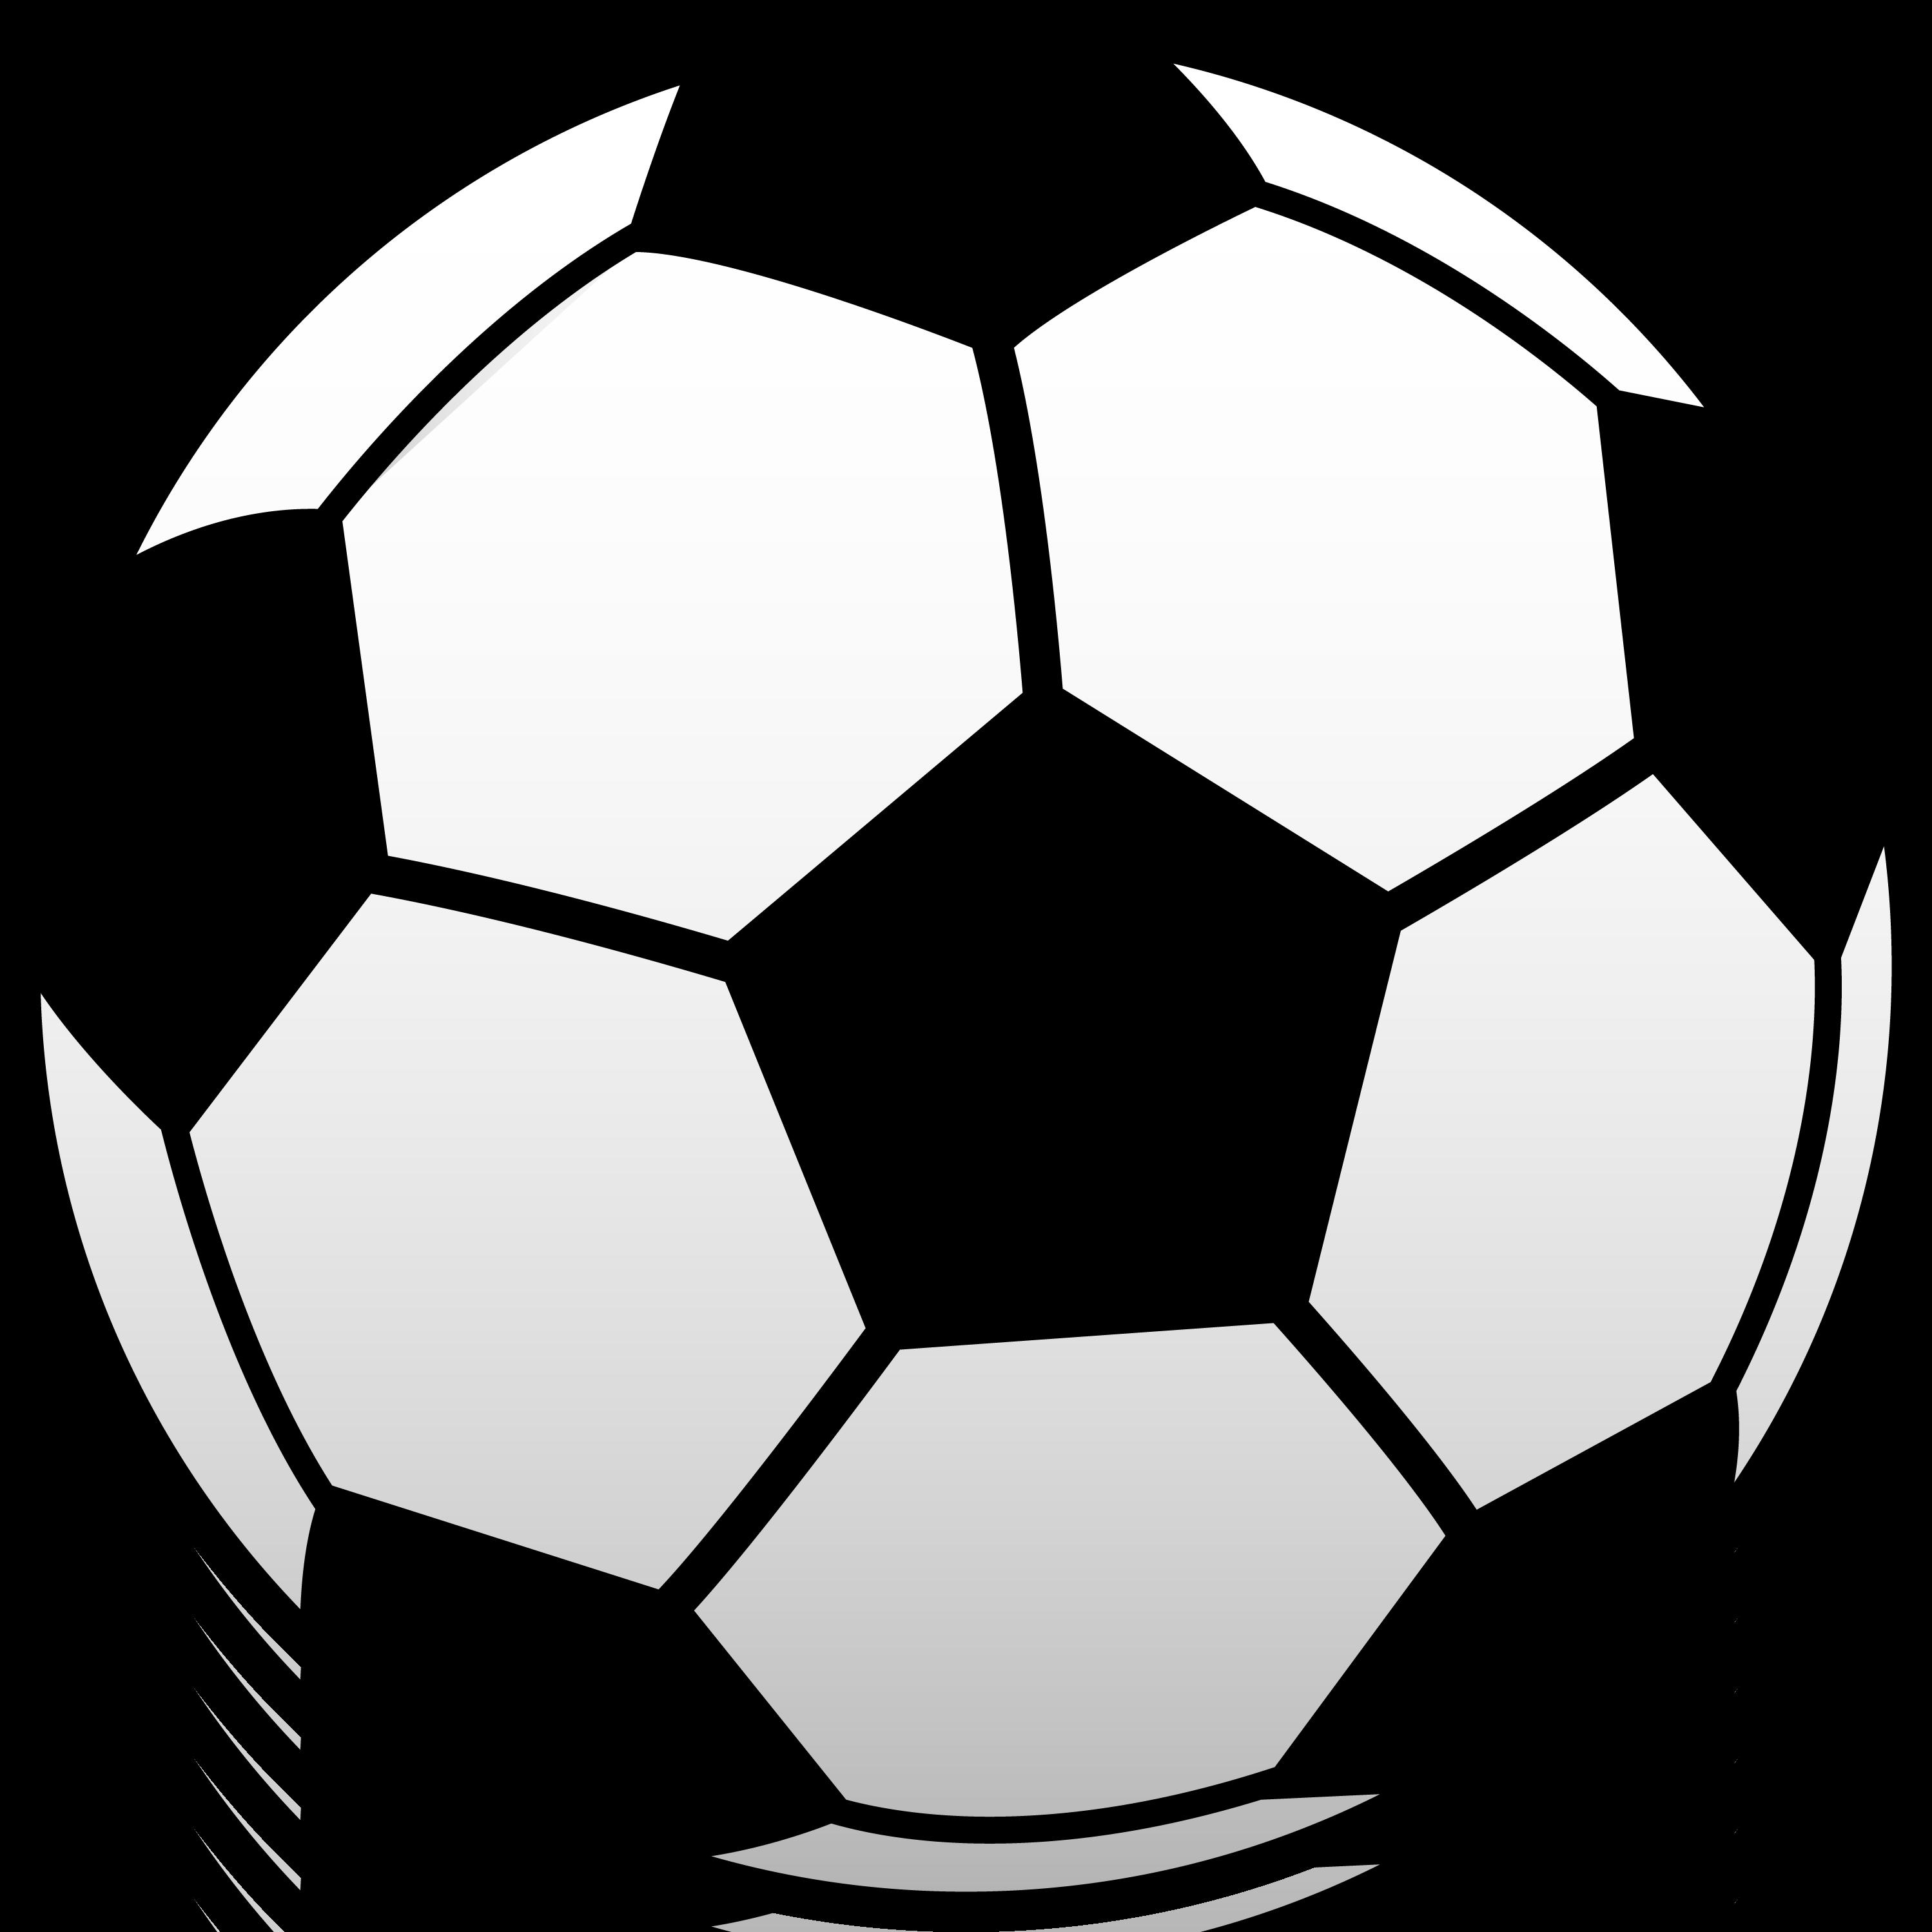 Ball Clip Art-Ball Clip Art-1